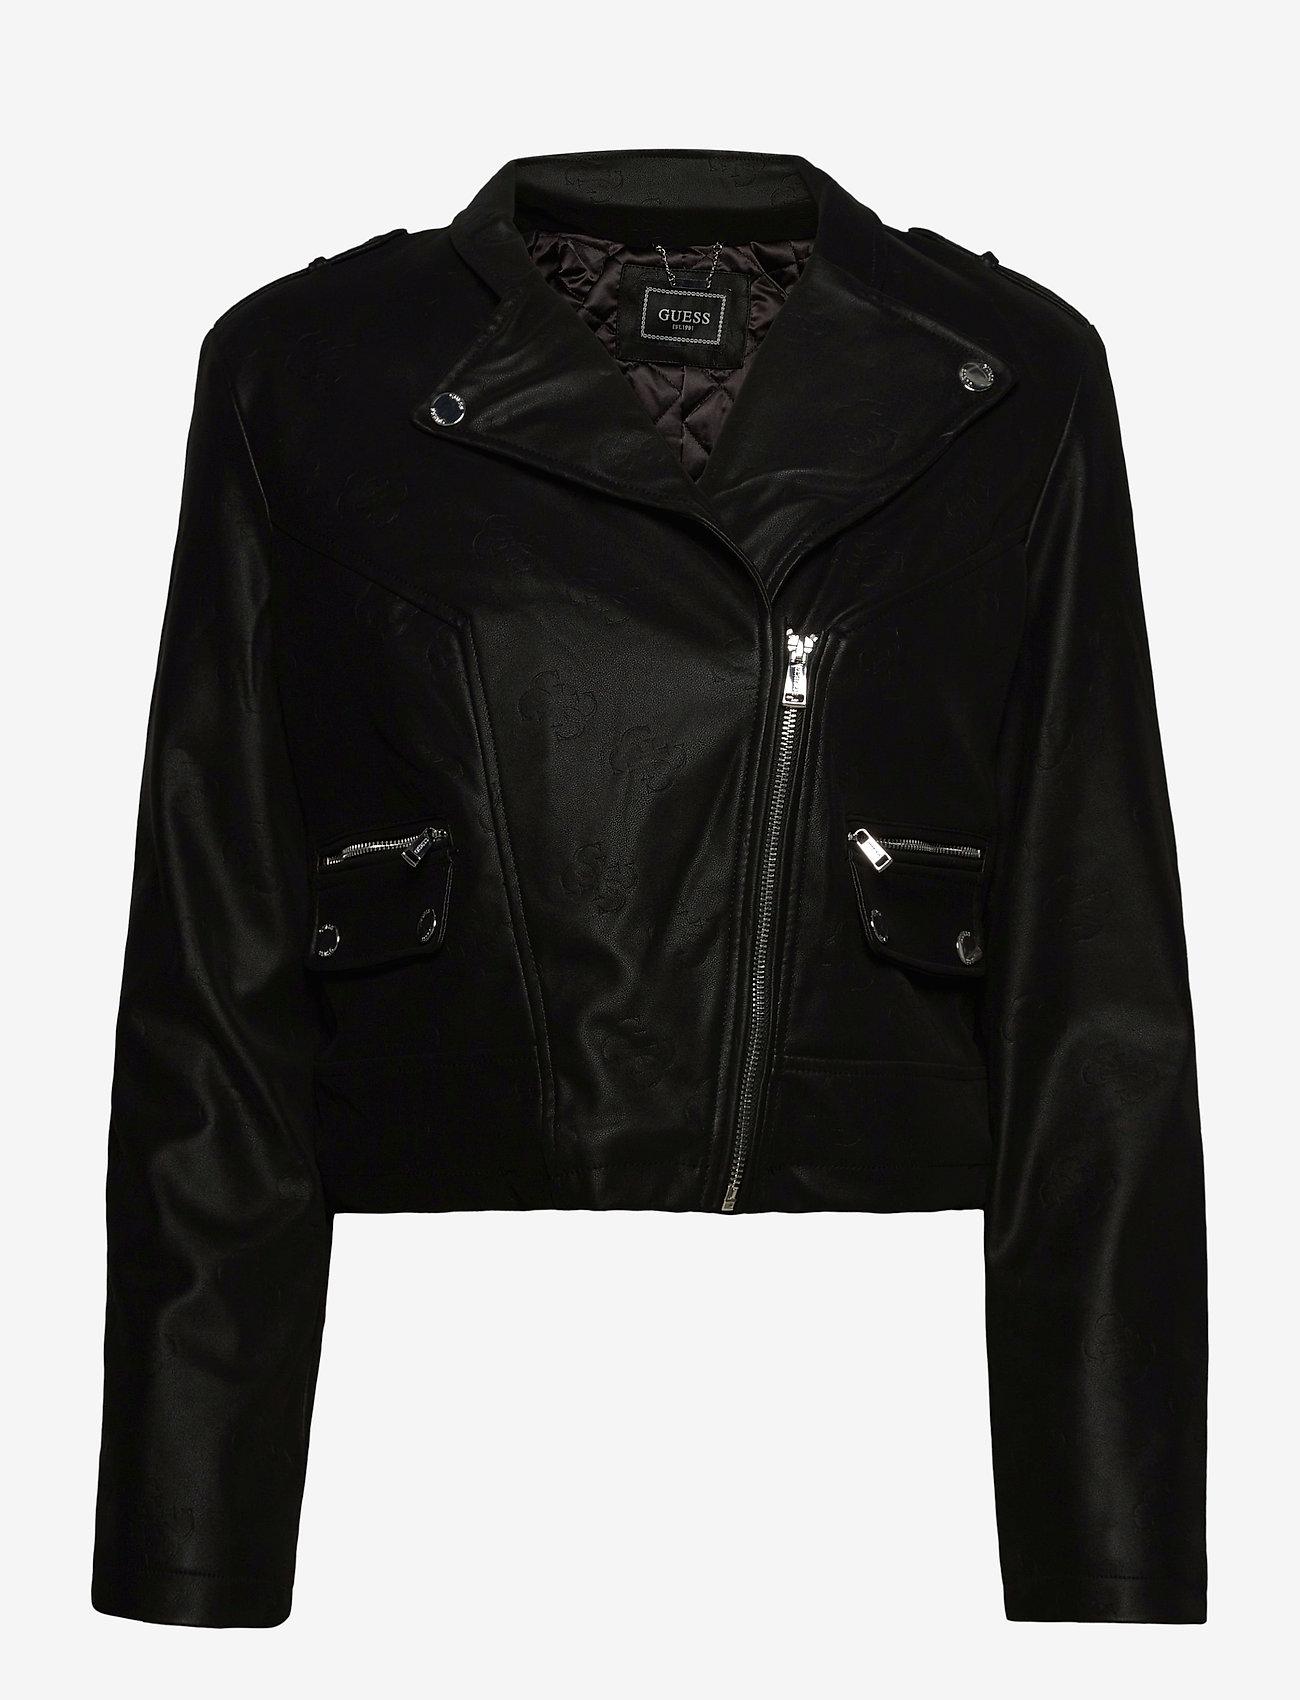 GUESS Jeans - FRANCES JACKET - skinnjackor - jet black a996 - 0